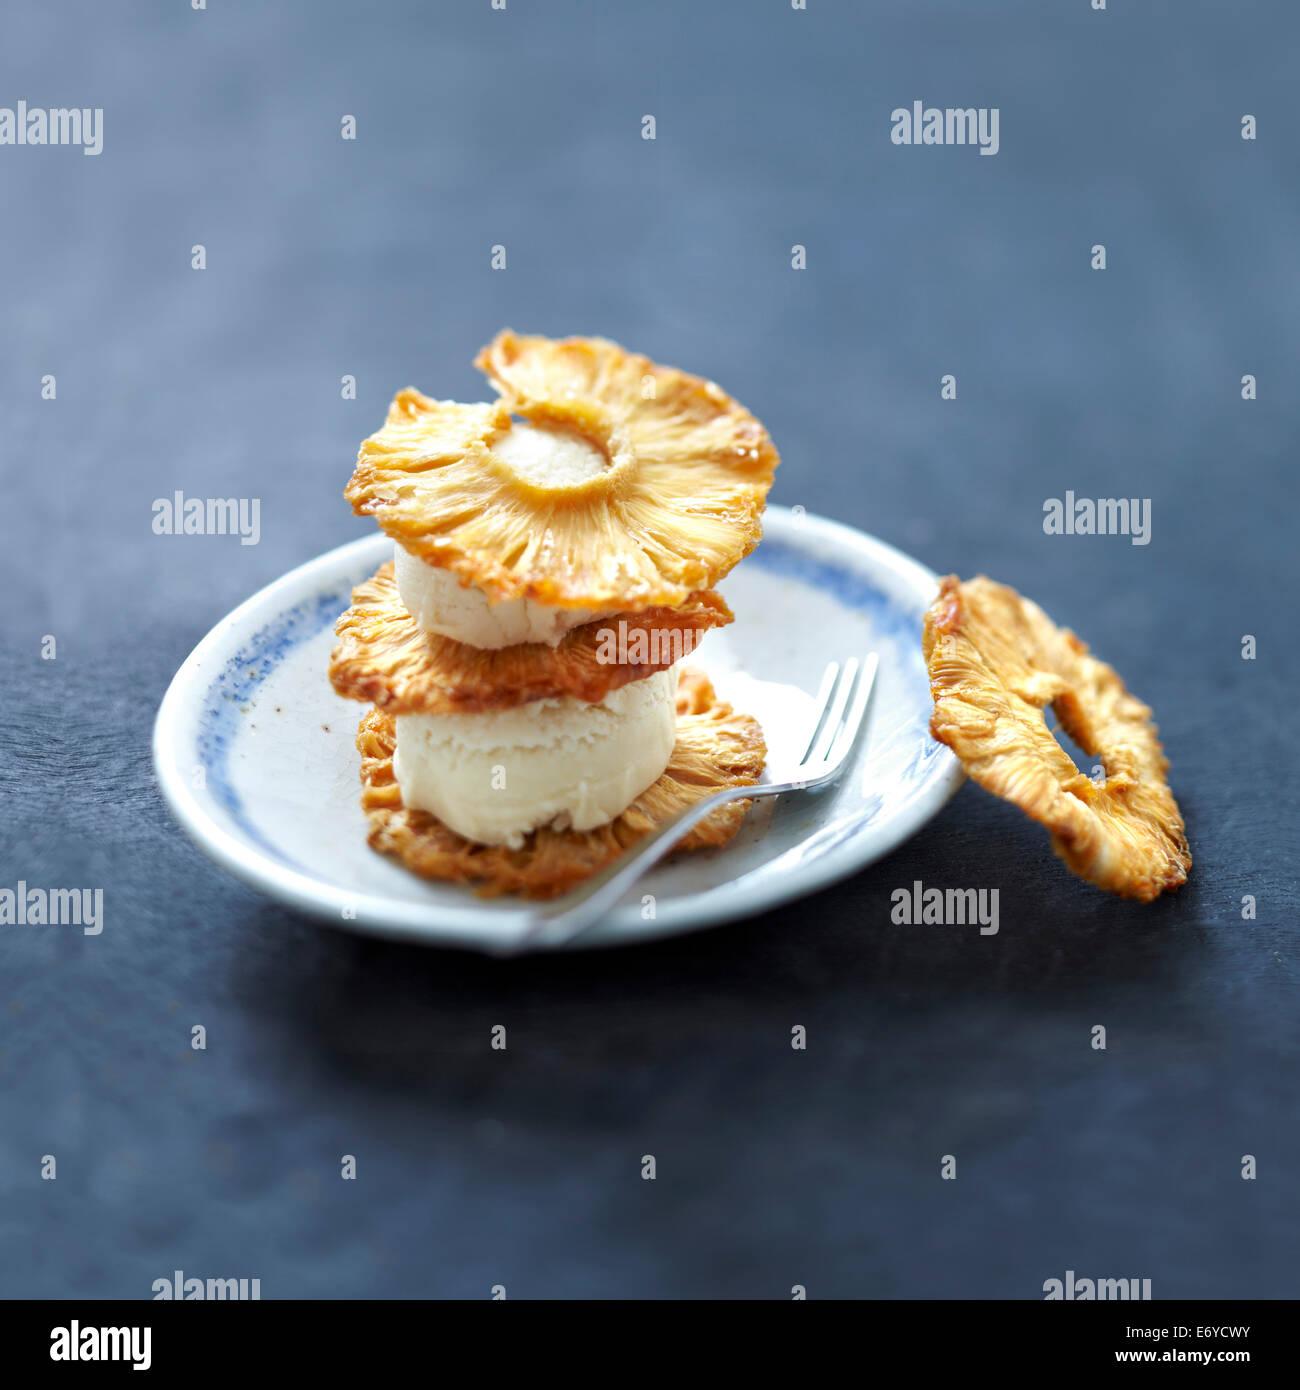 Tagliate a fette di ananas fritti e noce di cocco gelato dessert Immagini Stock